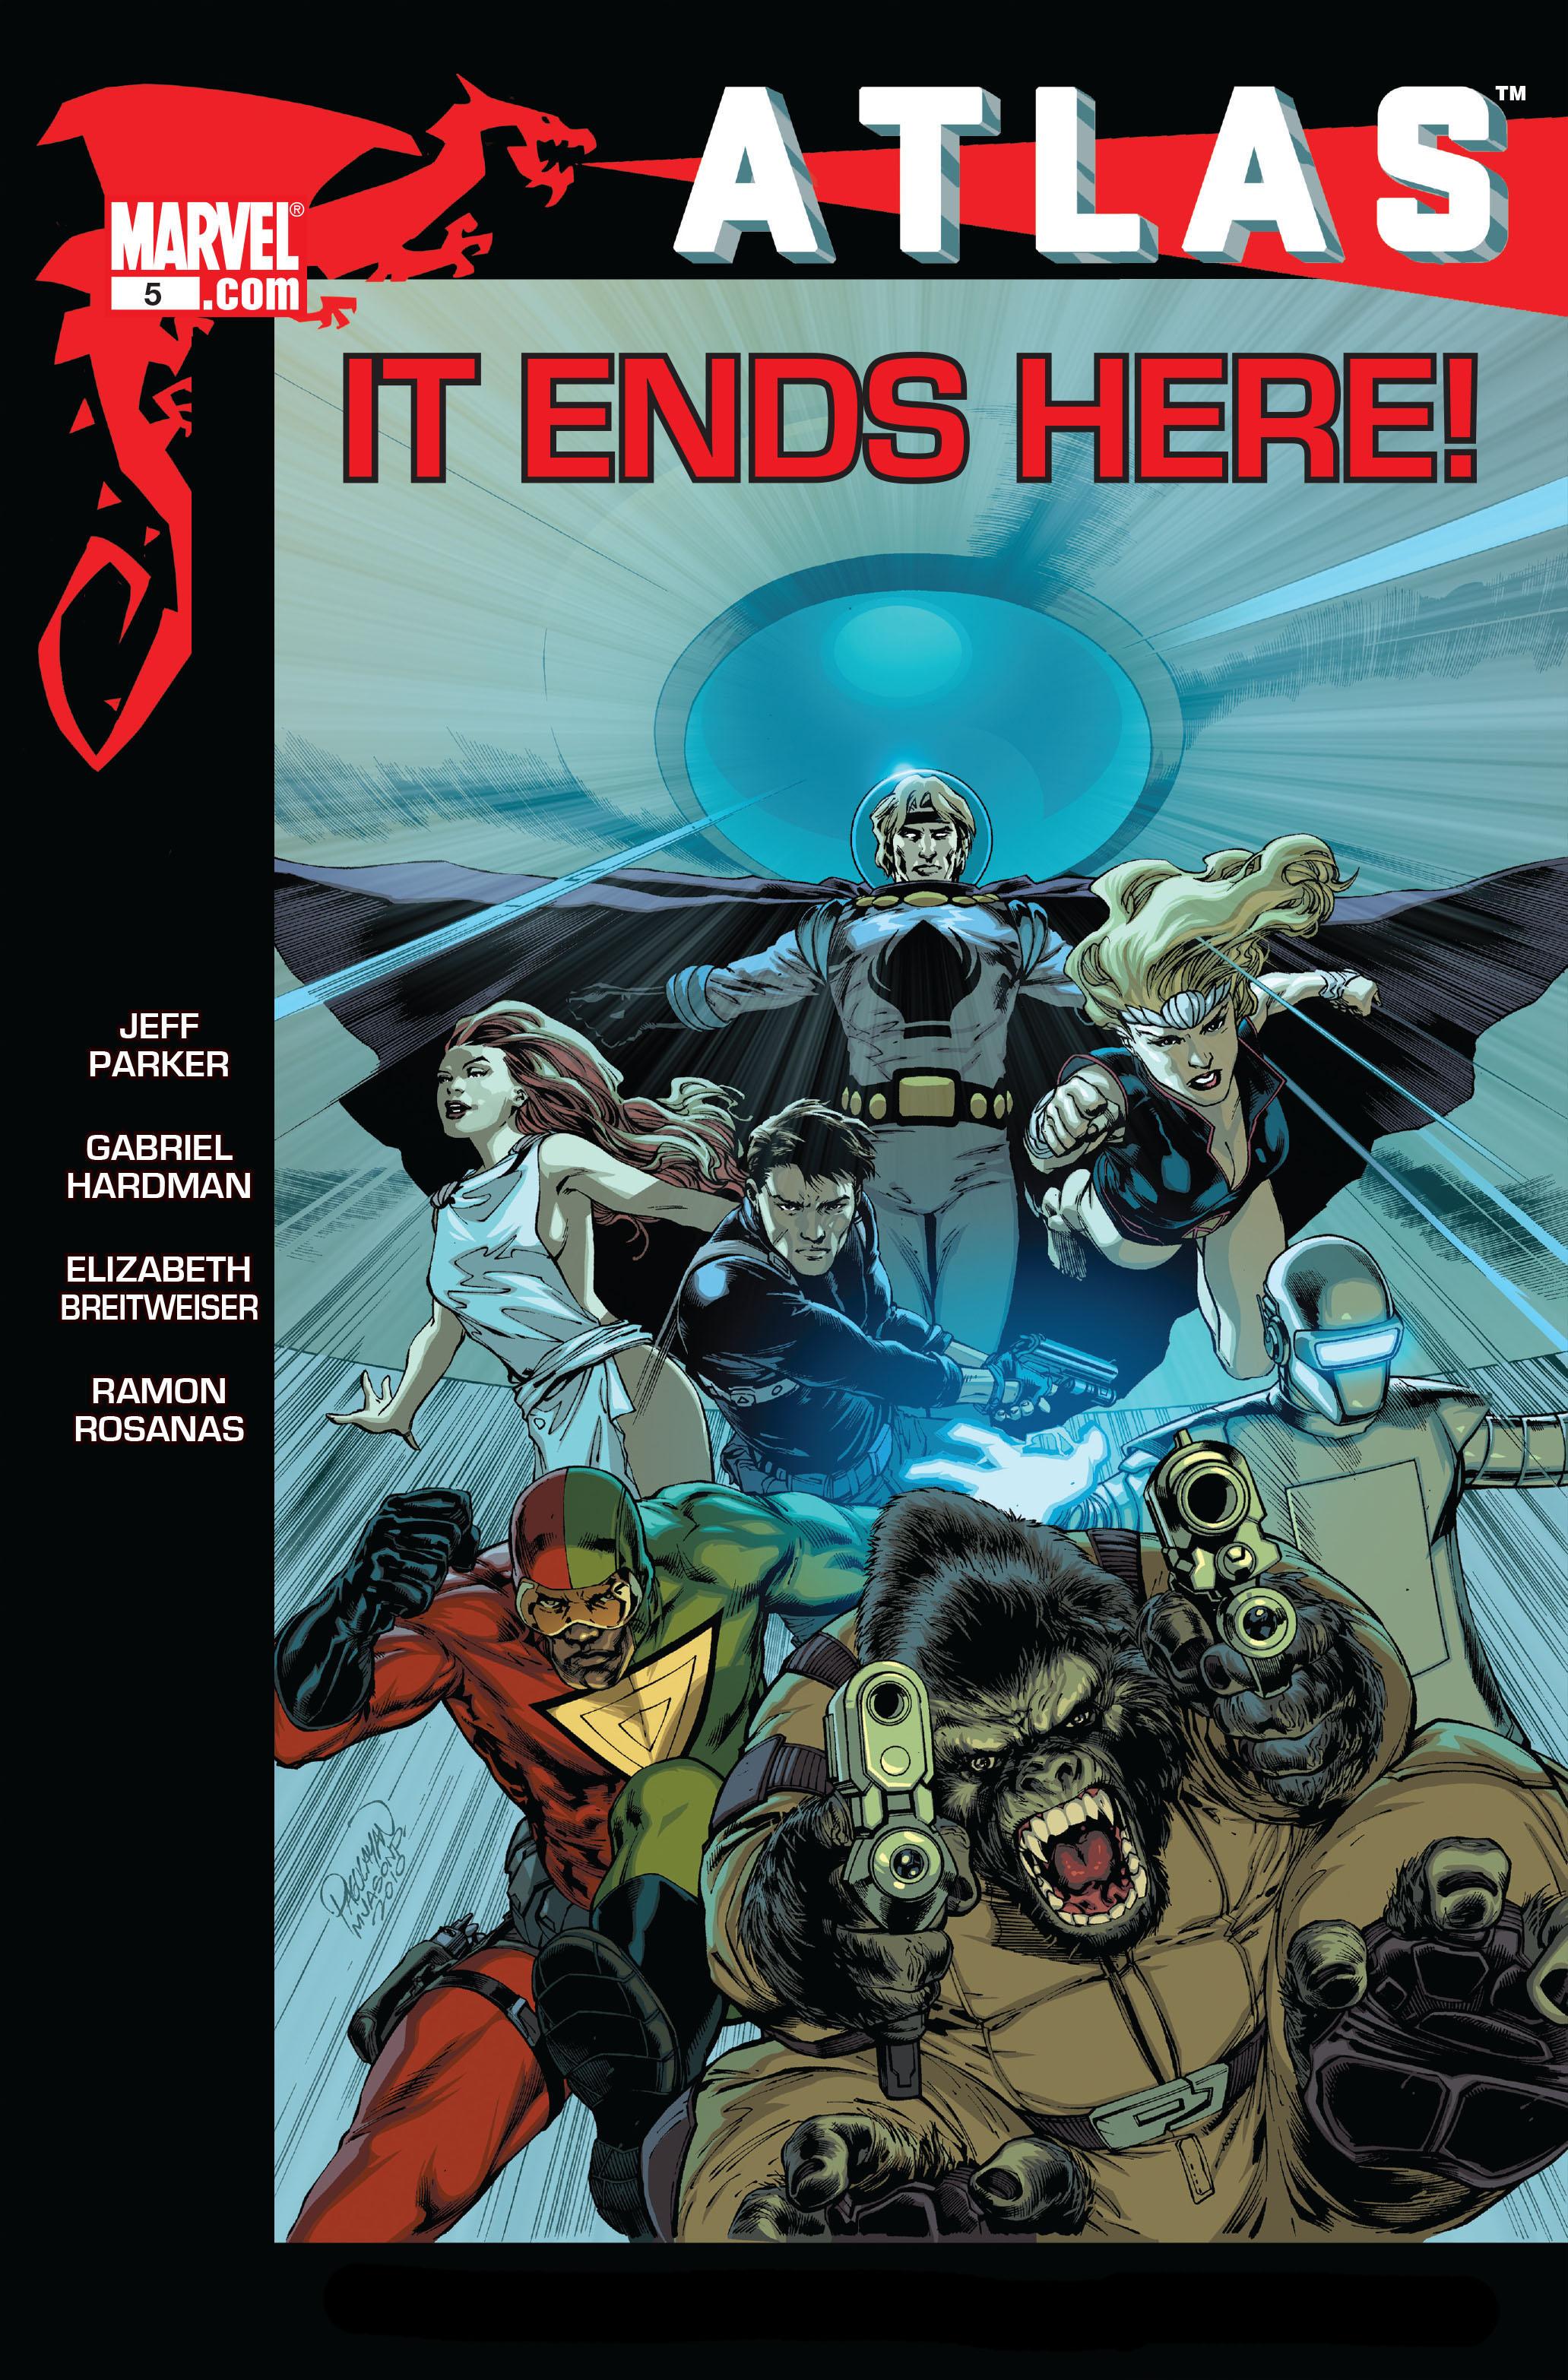 Read online Atlas comic -  Issue #5 - 1